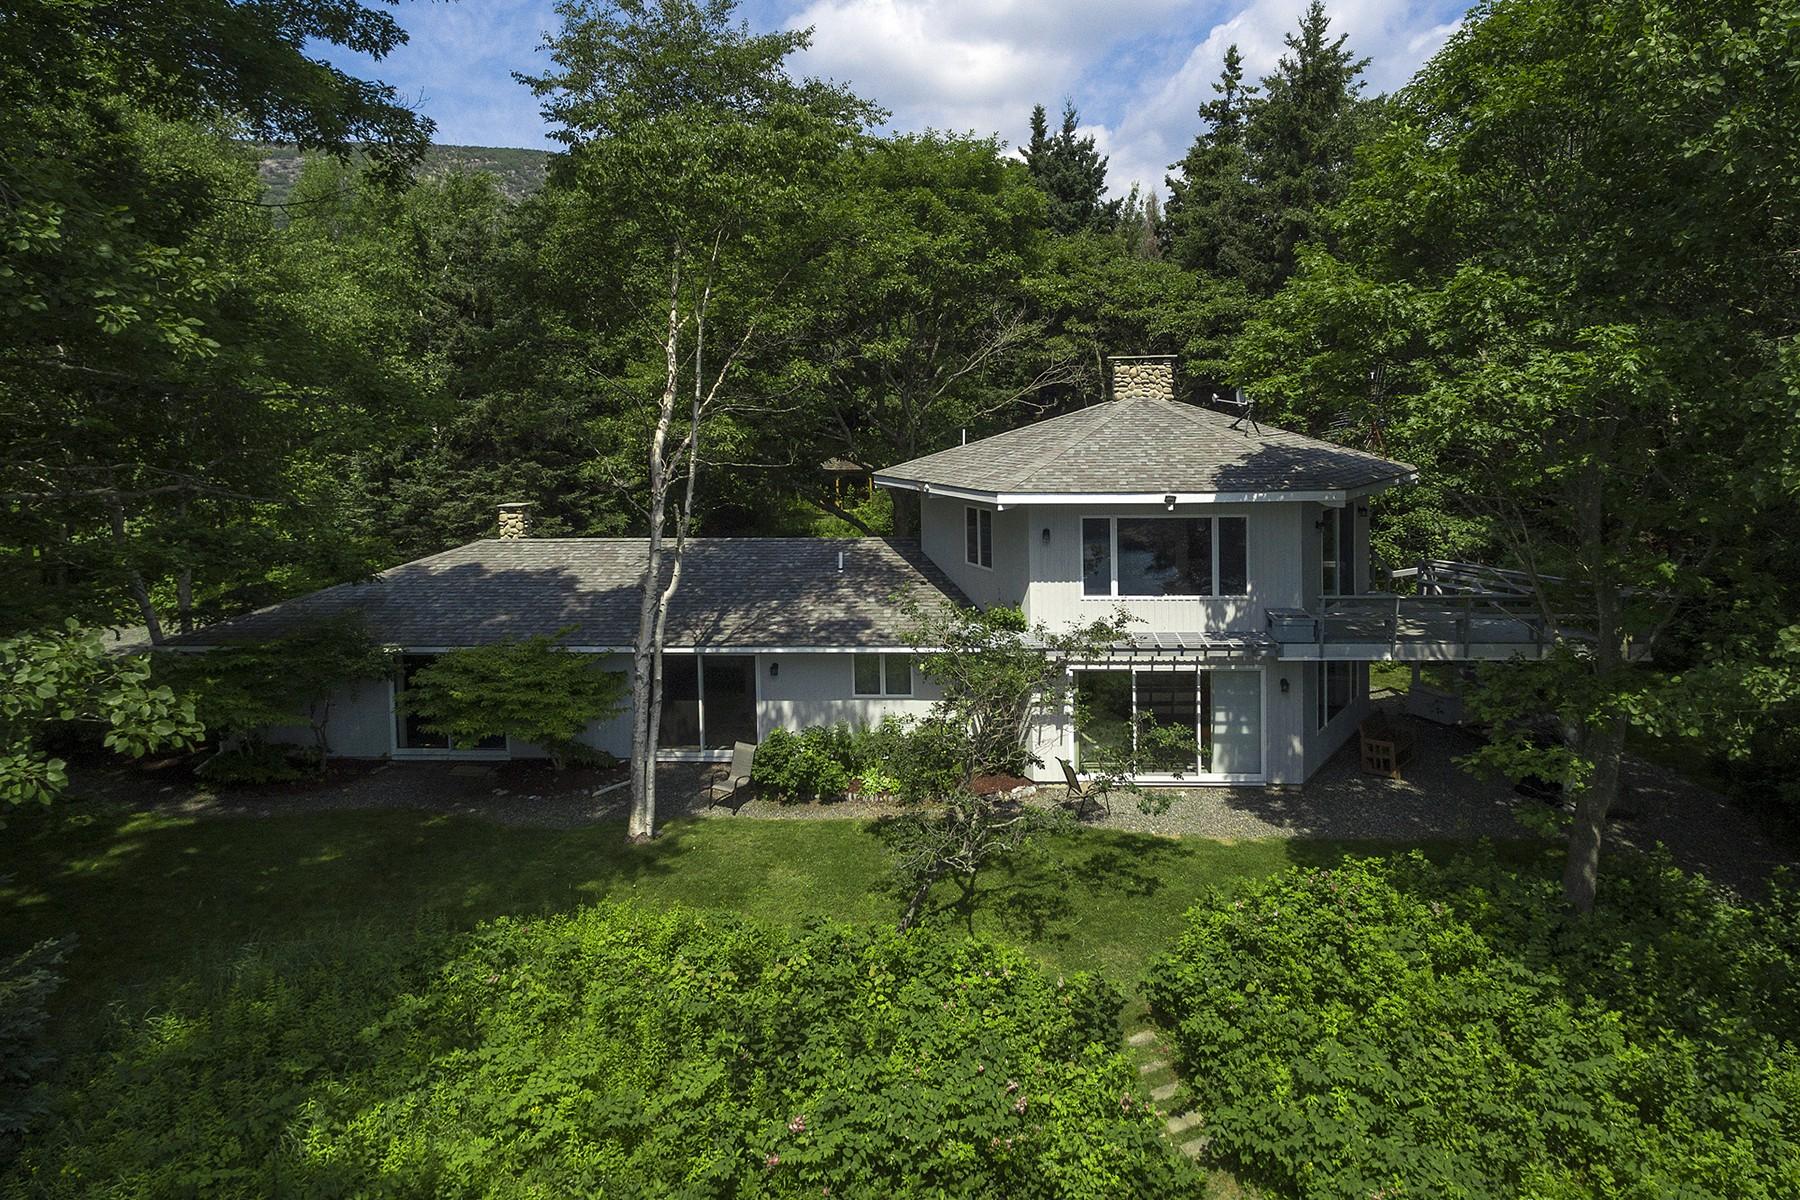 独户住宅 为 销售 在 Carie's Cove 450 Schooner Head Road 巴尔港, 缅因州, 04609 美国